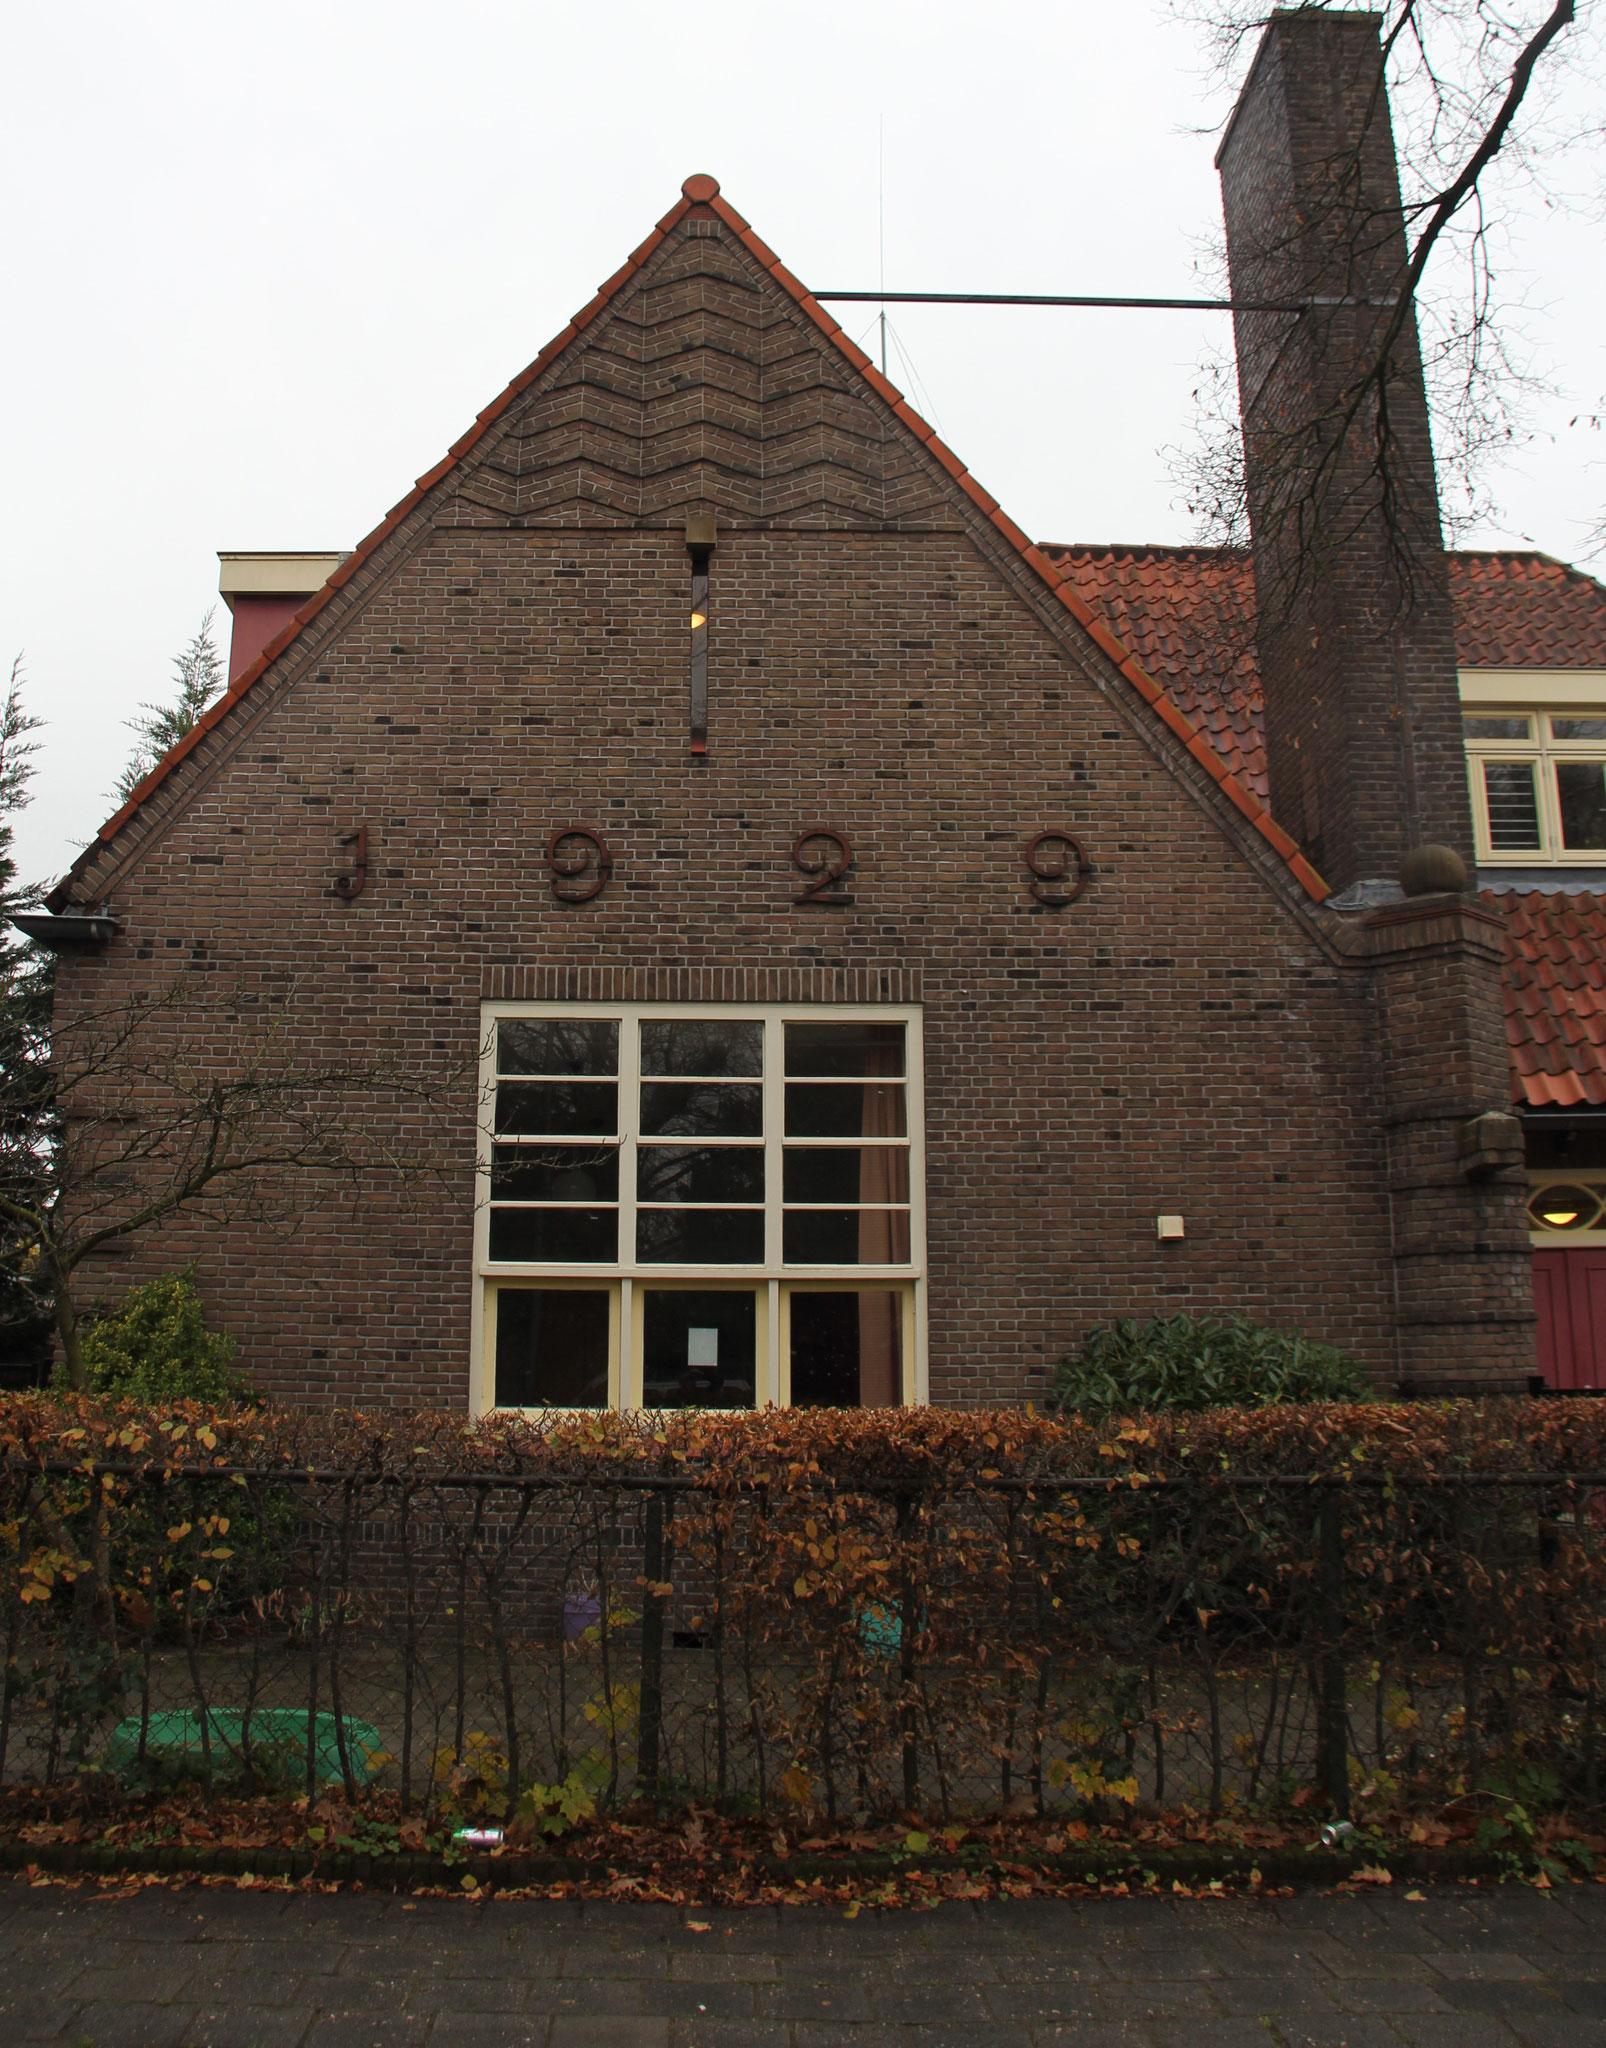 Noordoostgevel met opvallend hoge schoorsteen en plantenbak en fraaie detaillering in de geveltop.